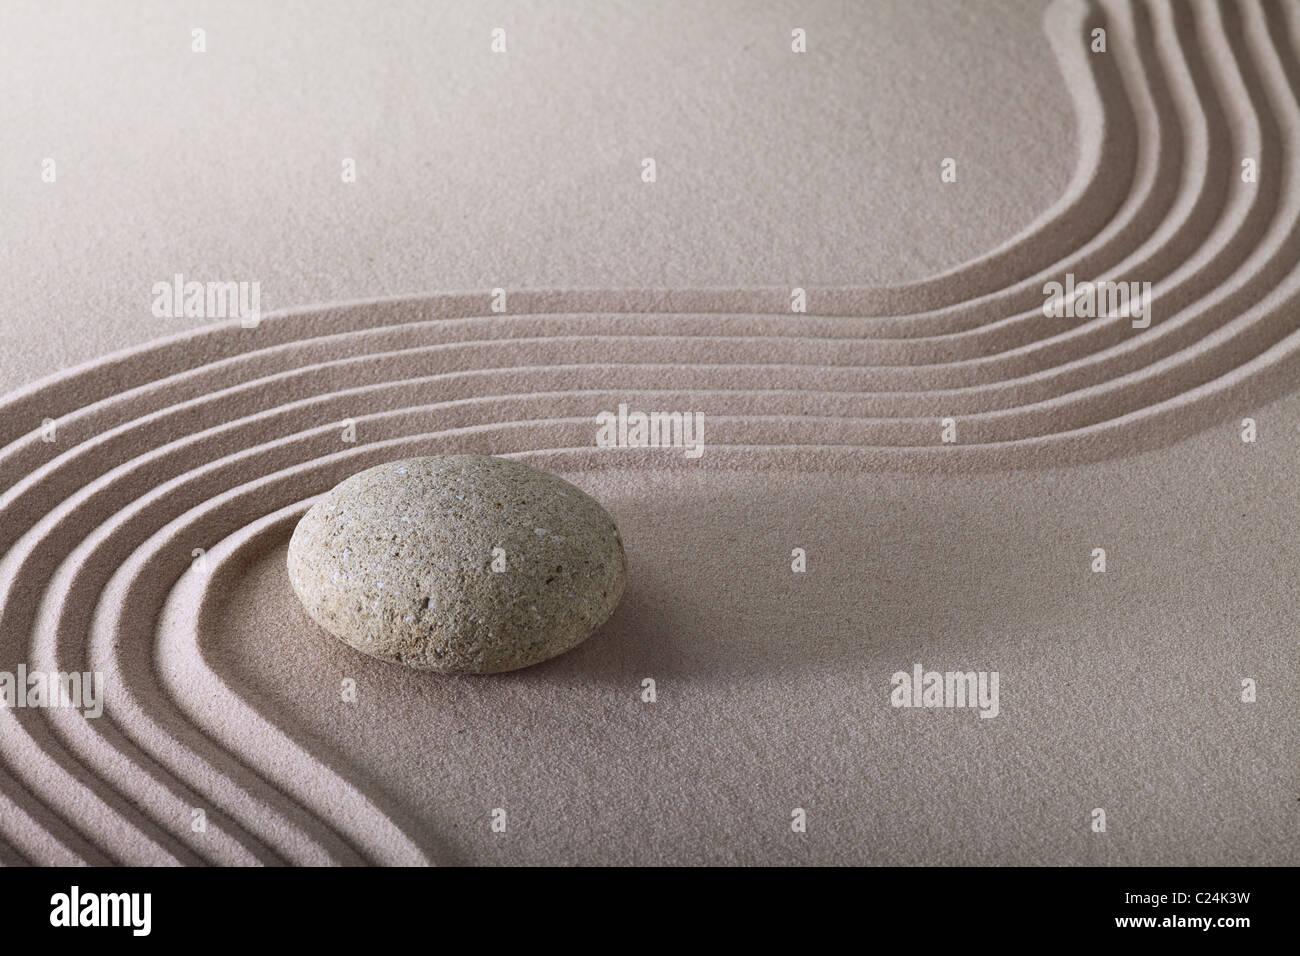 Jard n zen jard n japon s zen stone con raked arena y - Arena jardin zen ...